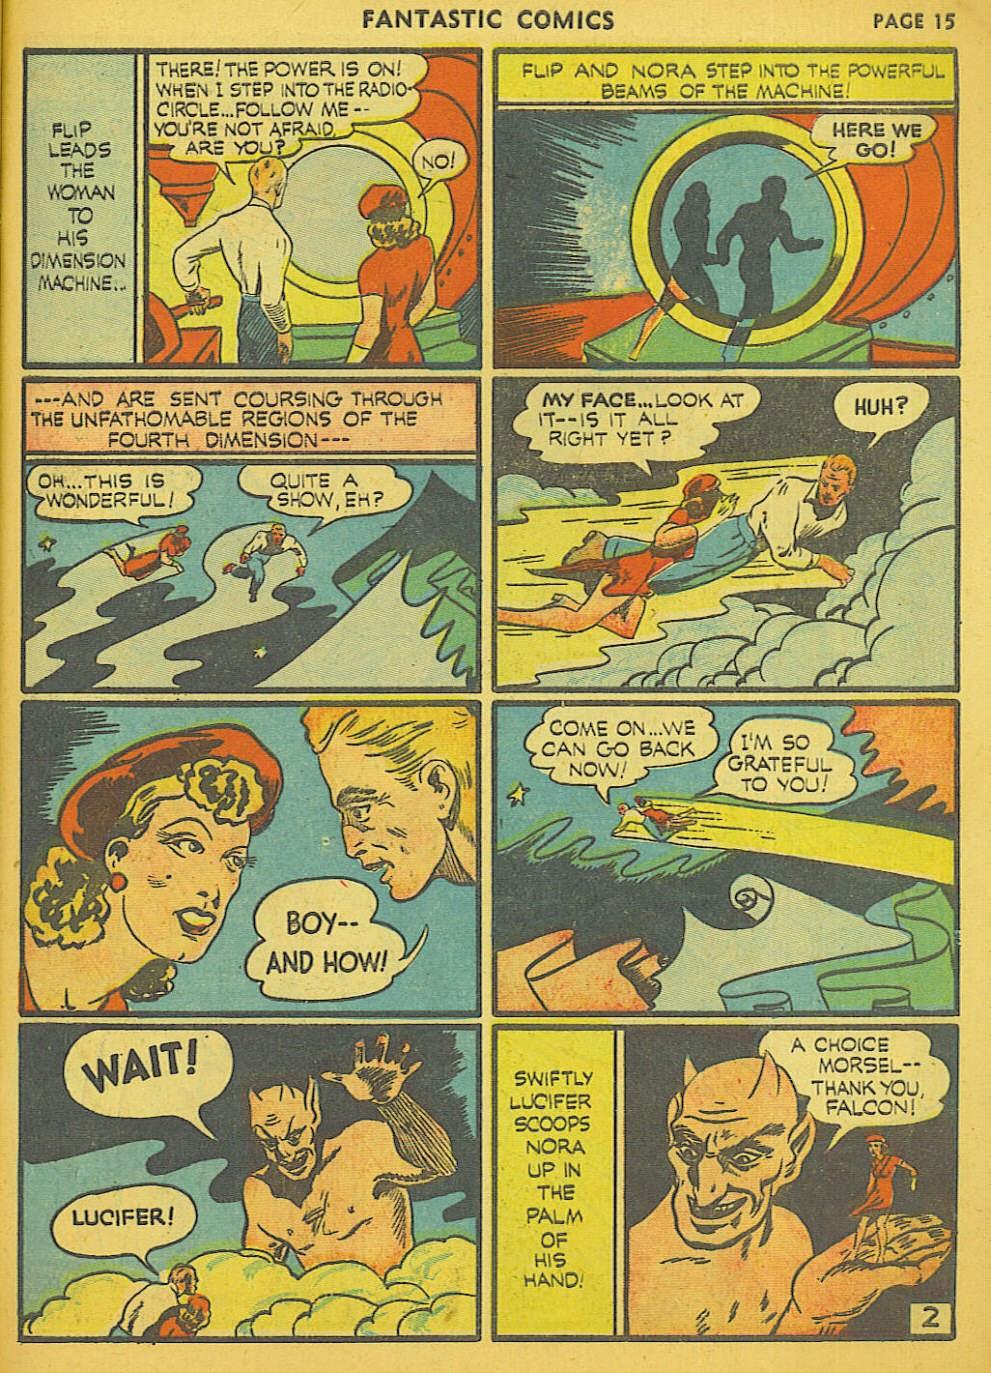 Read online Fantastic Comics comic -  Issue #15 - 8